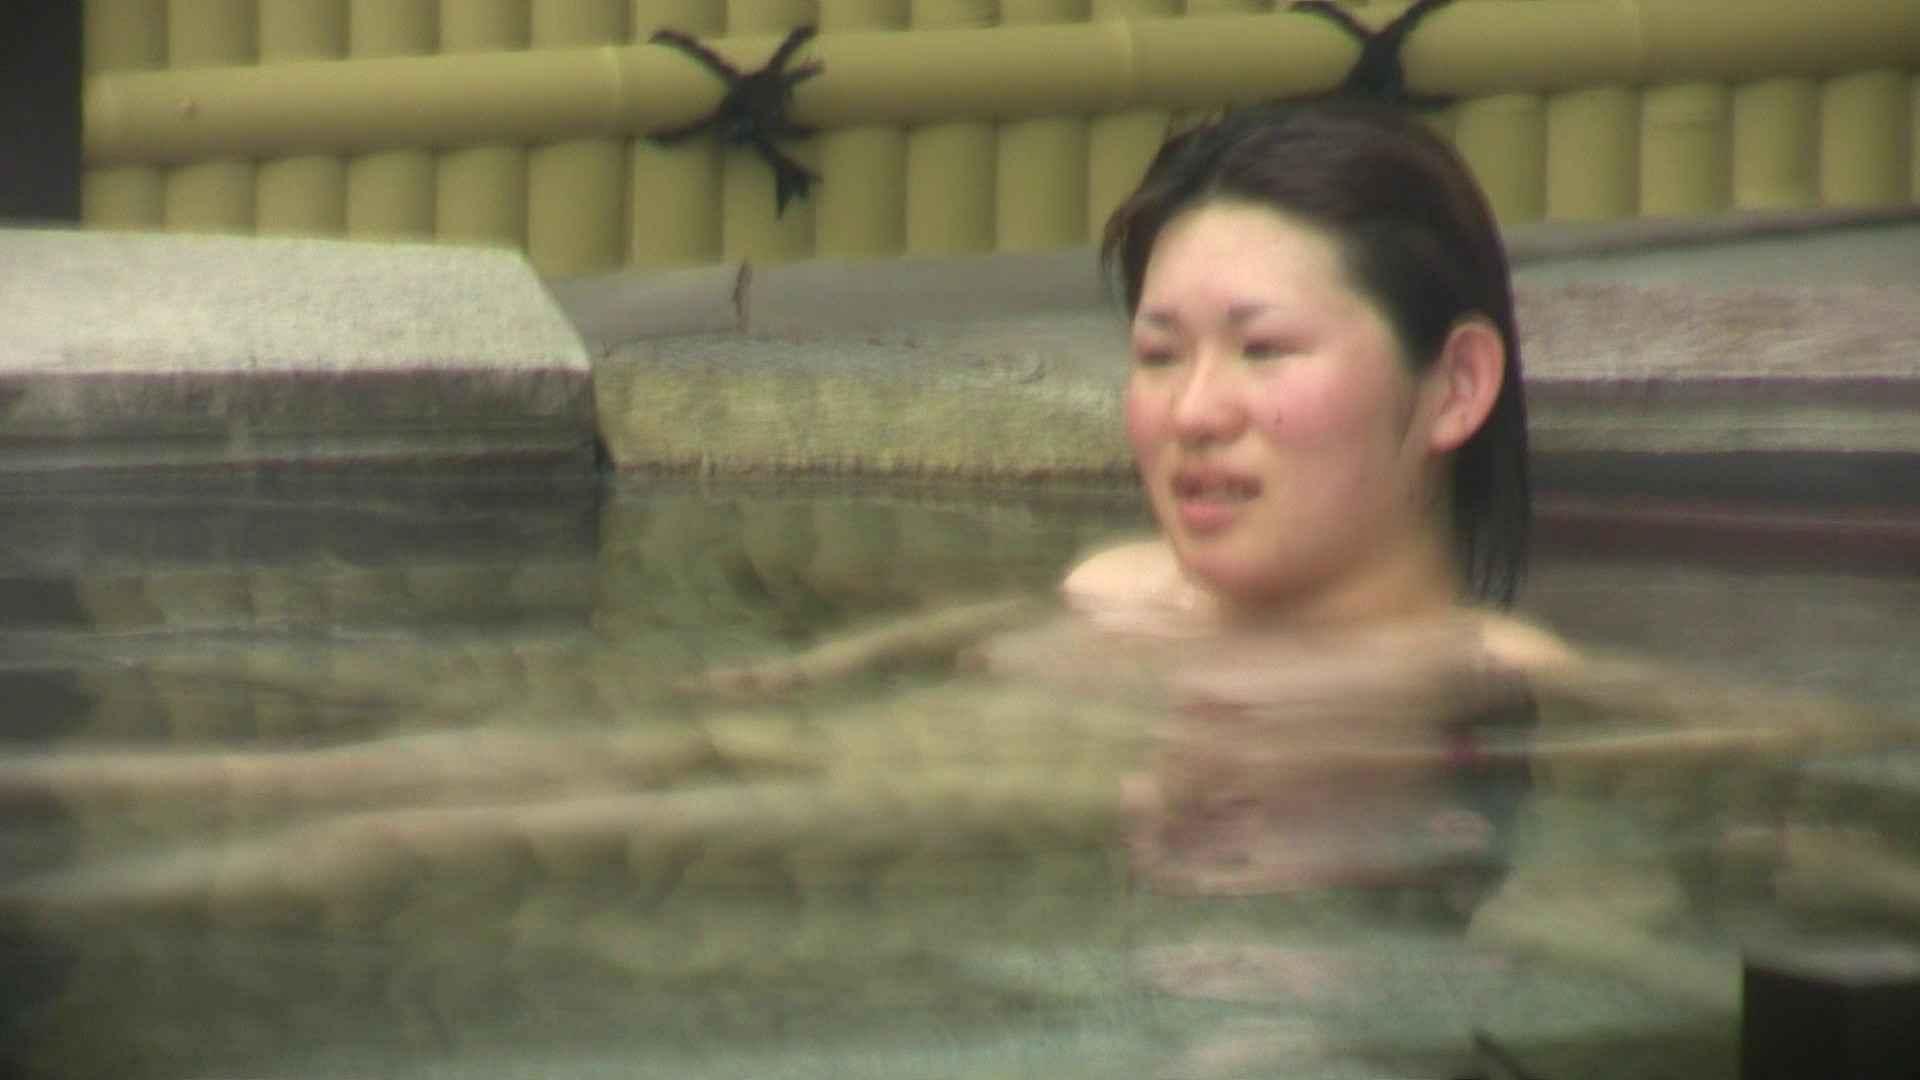 Aquaな露天風呂Vol.673 美しいOLの裸体   盗撮師作品  99pic 97